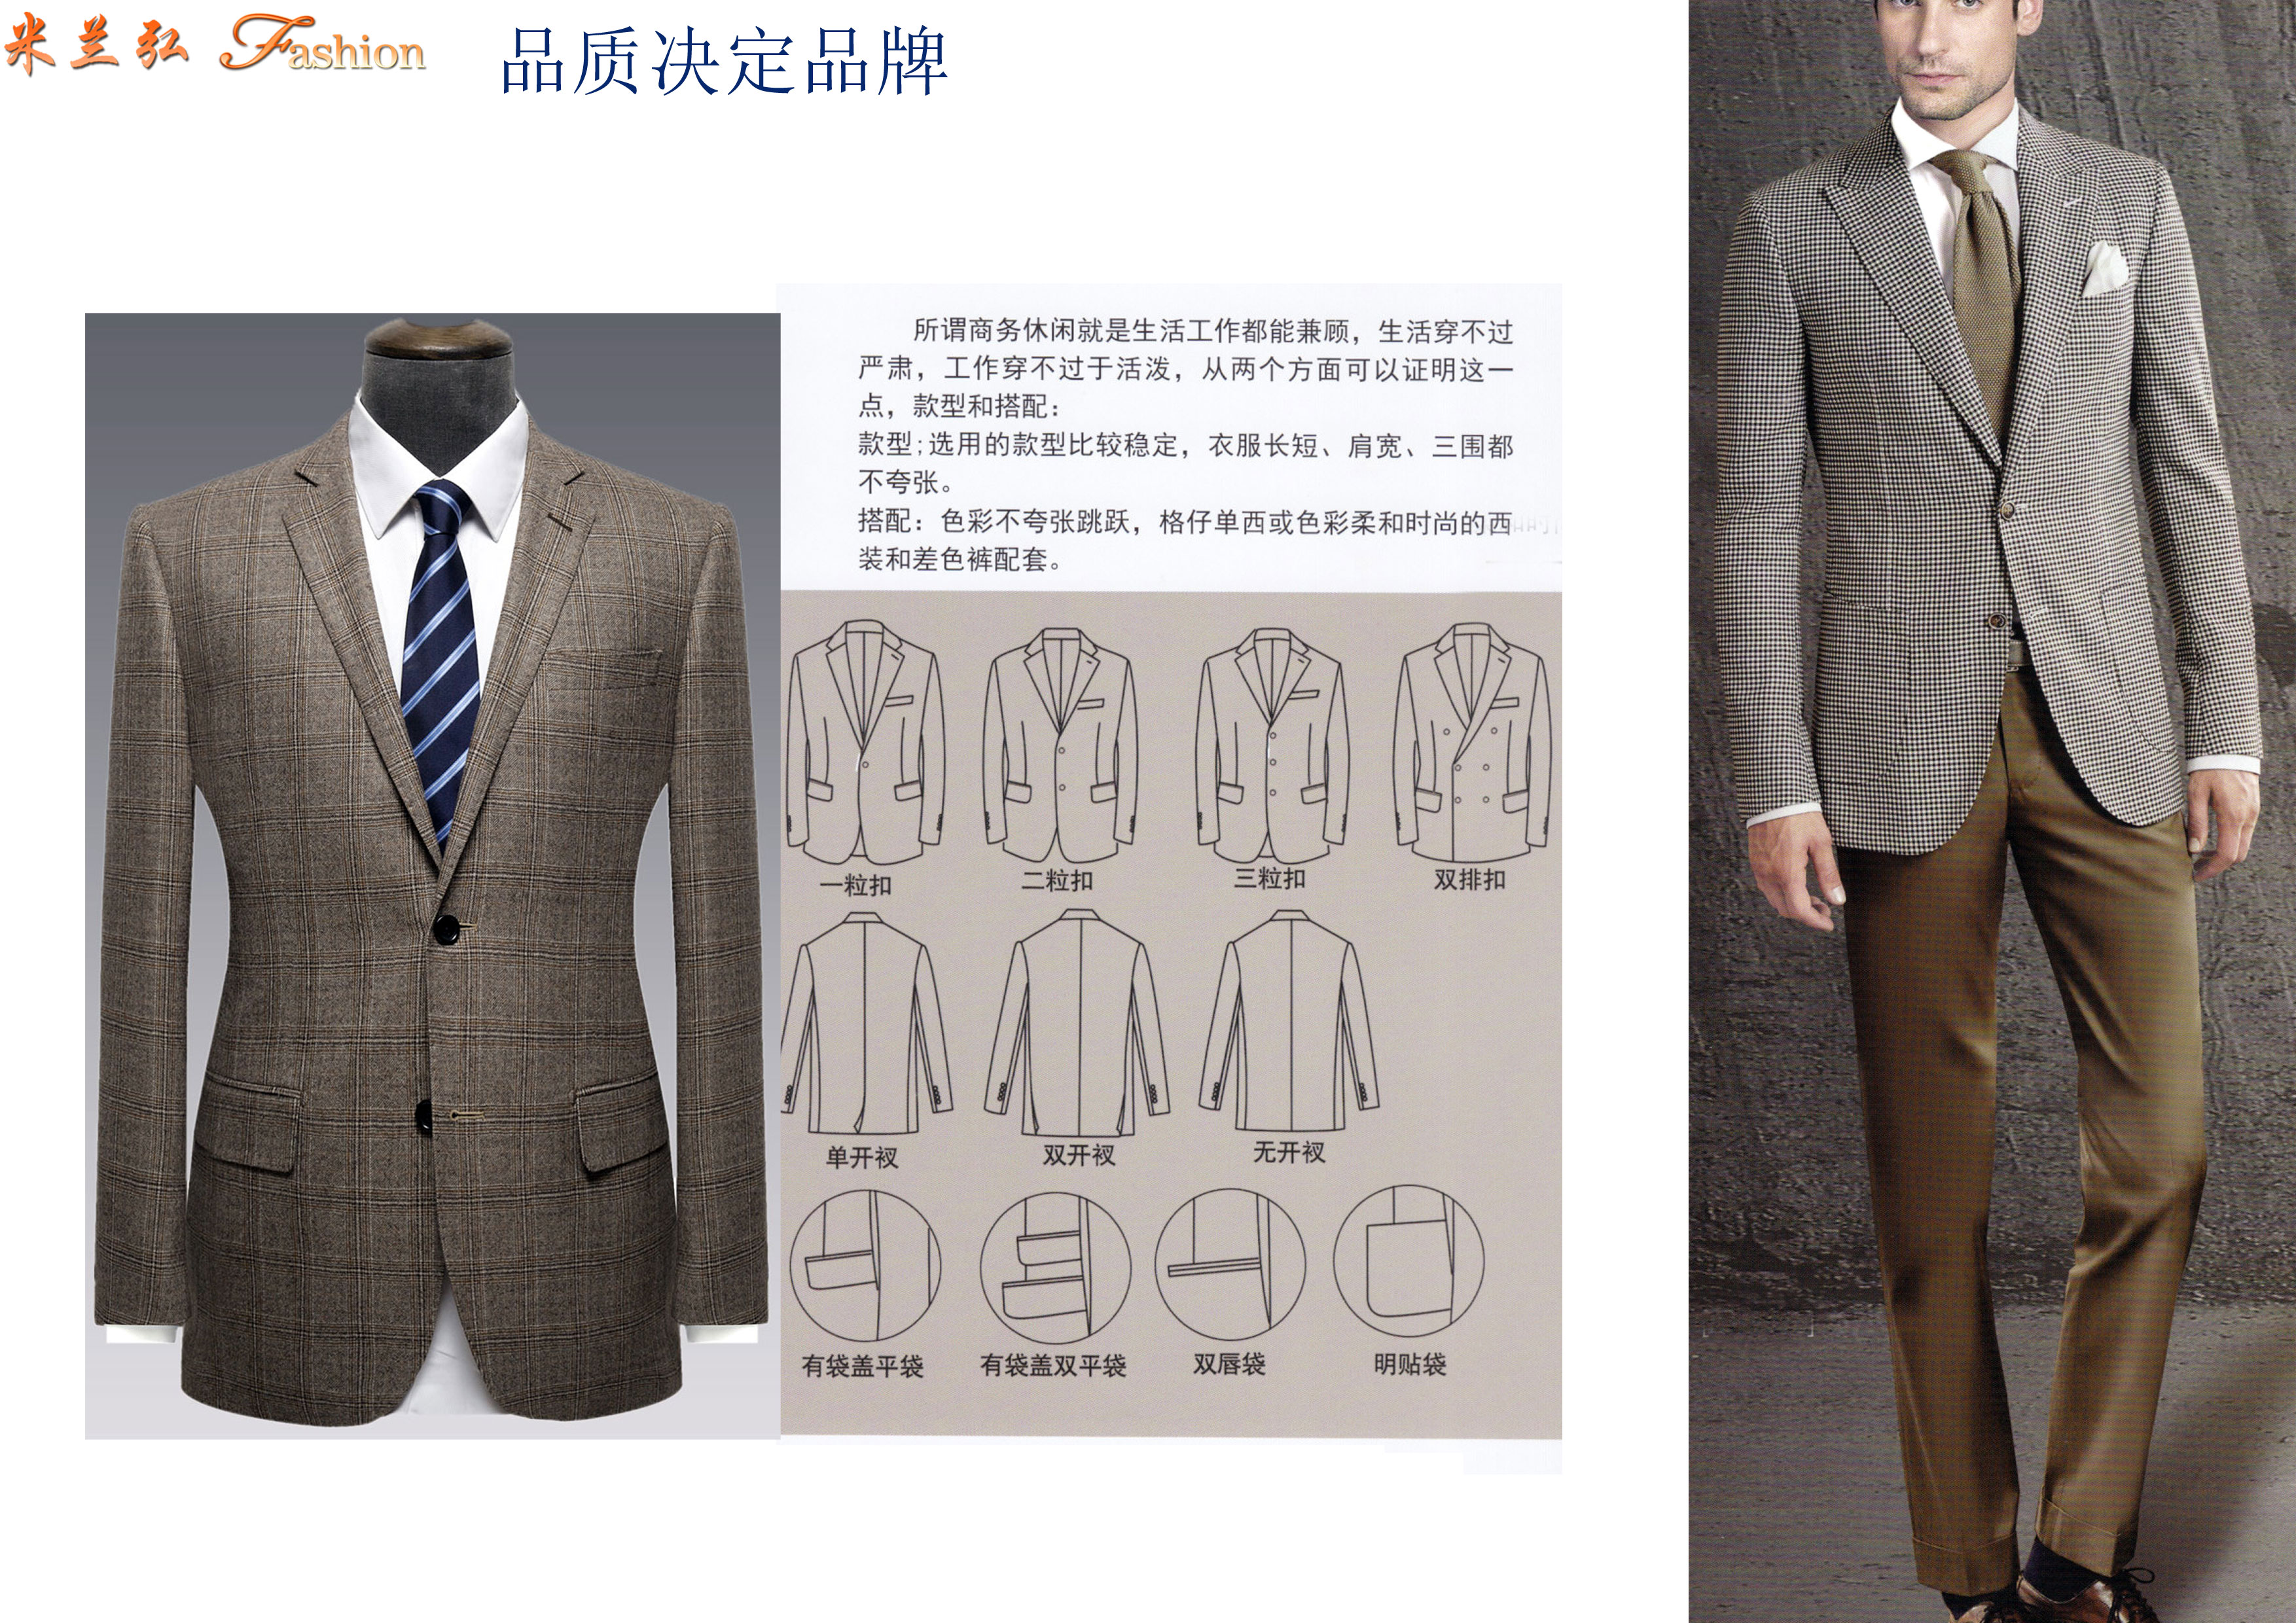 北京量身定制品牌西服_北京西裝定做_北京羊毛西服訂制-5